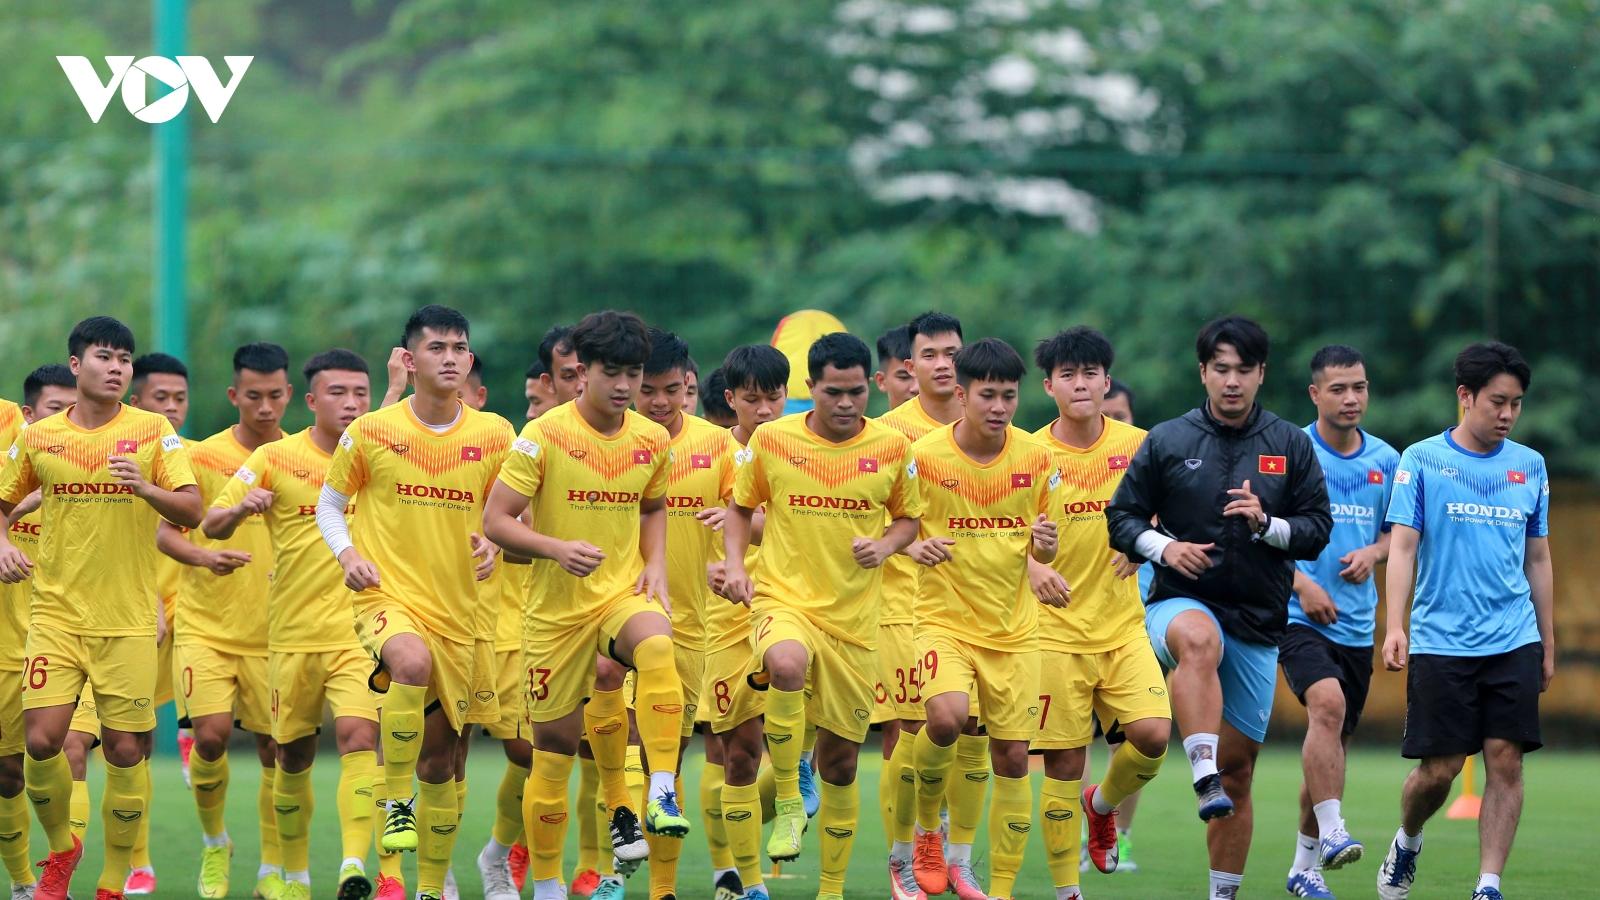 """Thời tiết ủng hộ, cầu thủ U22 Việt Nam """"cháy"""" hết mình để ghi điểm với thầy Park"""